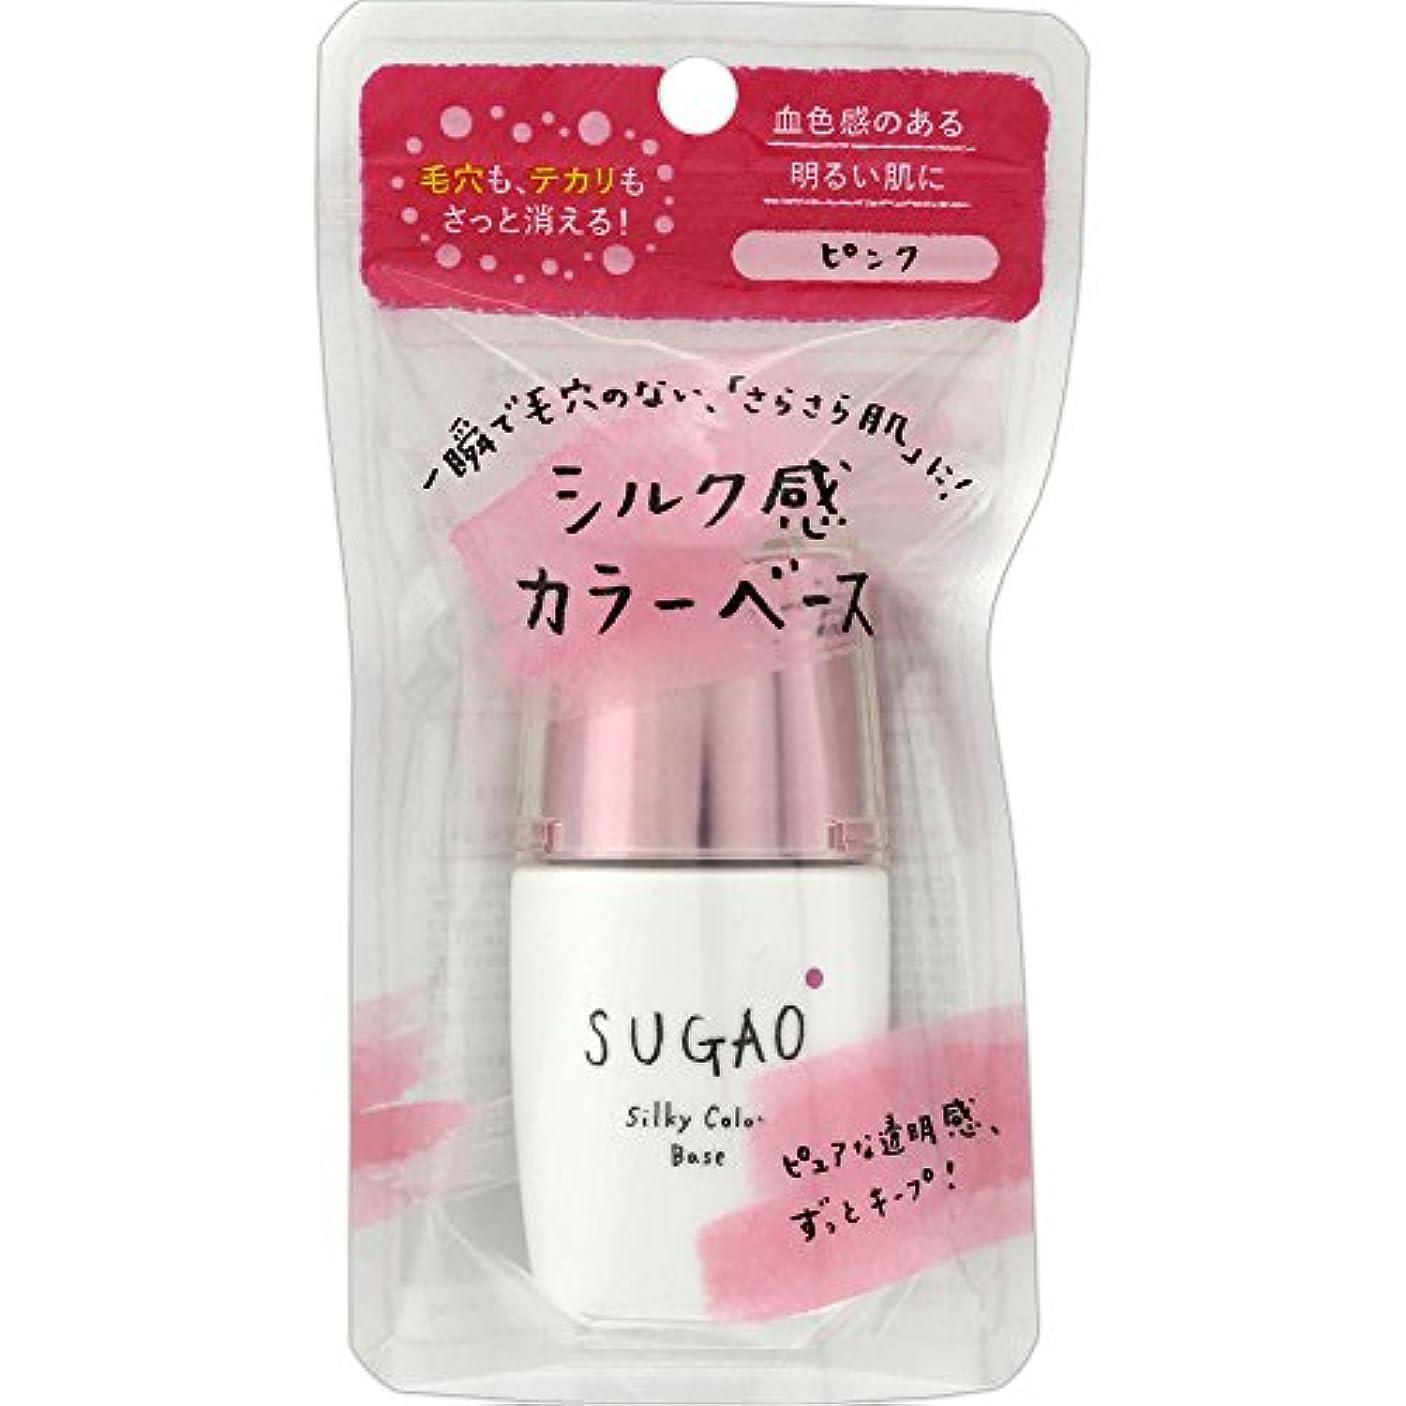 悲惨サーキットに行くバクテリアスガオ (SUGAO) シルク感カラーベース ピンク SPF20 PA+++ 20mL